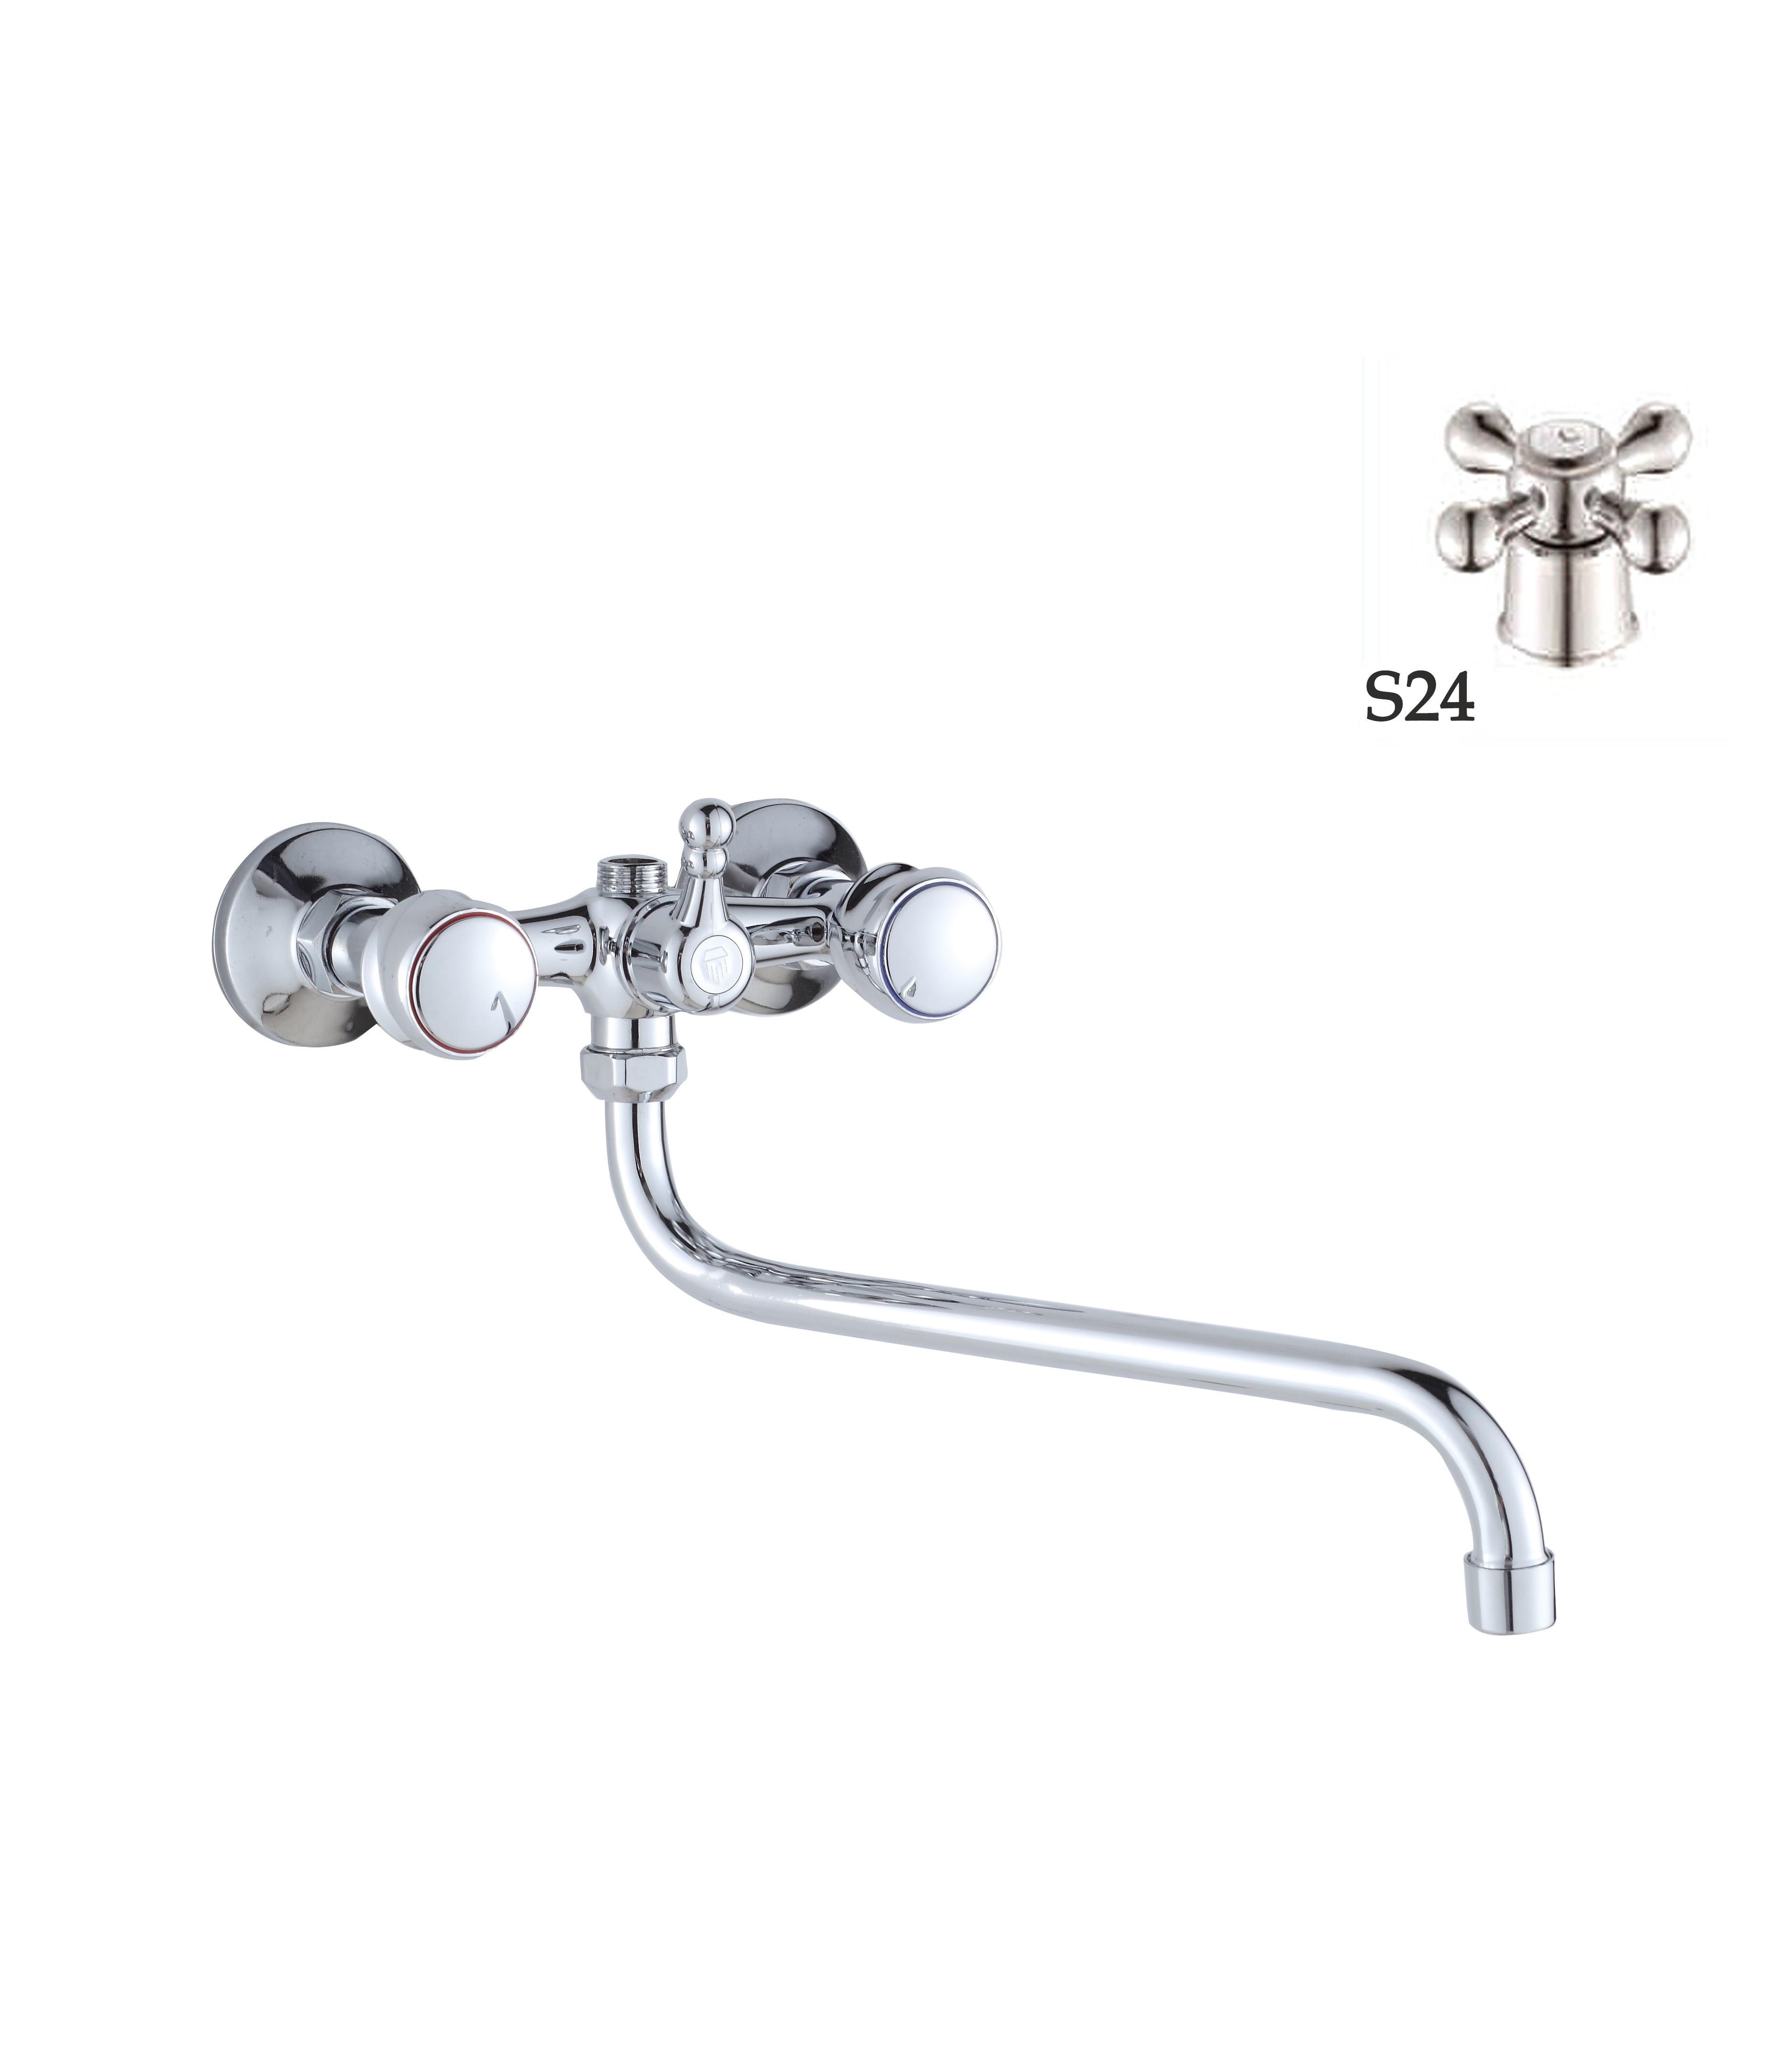 Двухручковый смеситель для ванны D6550-S24